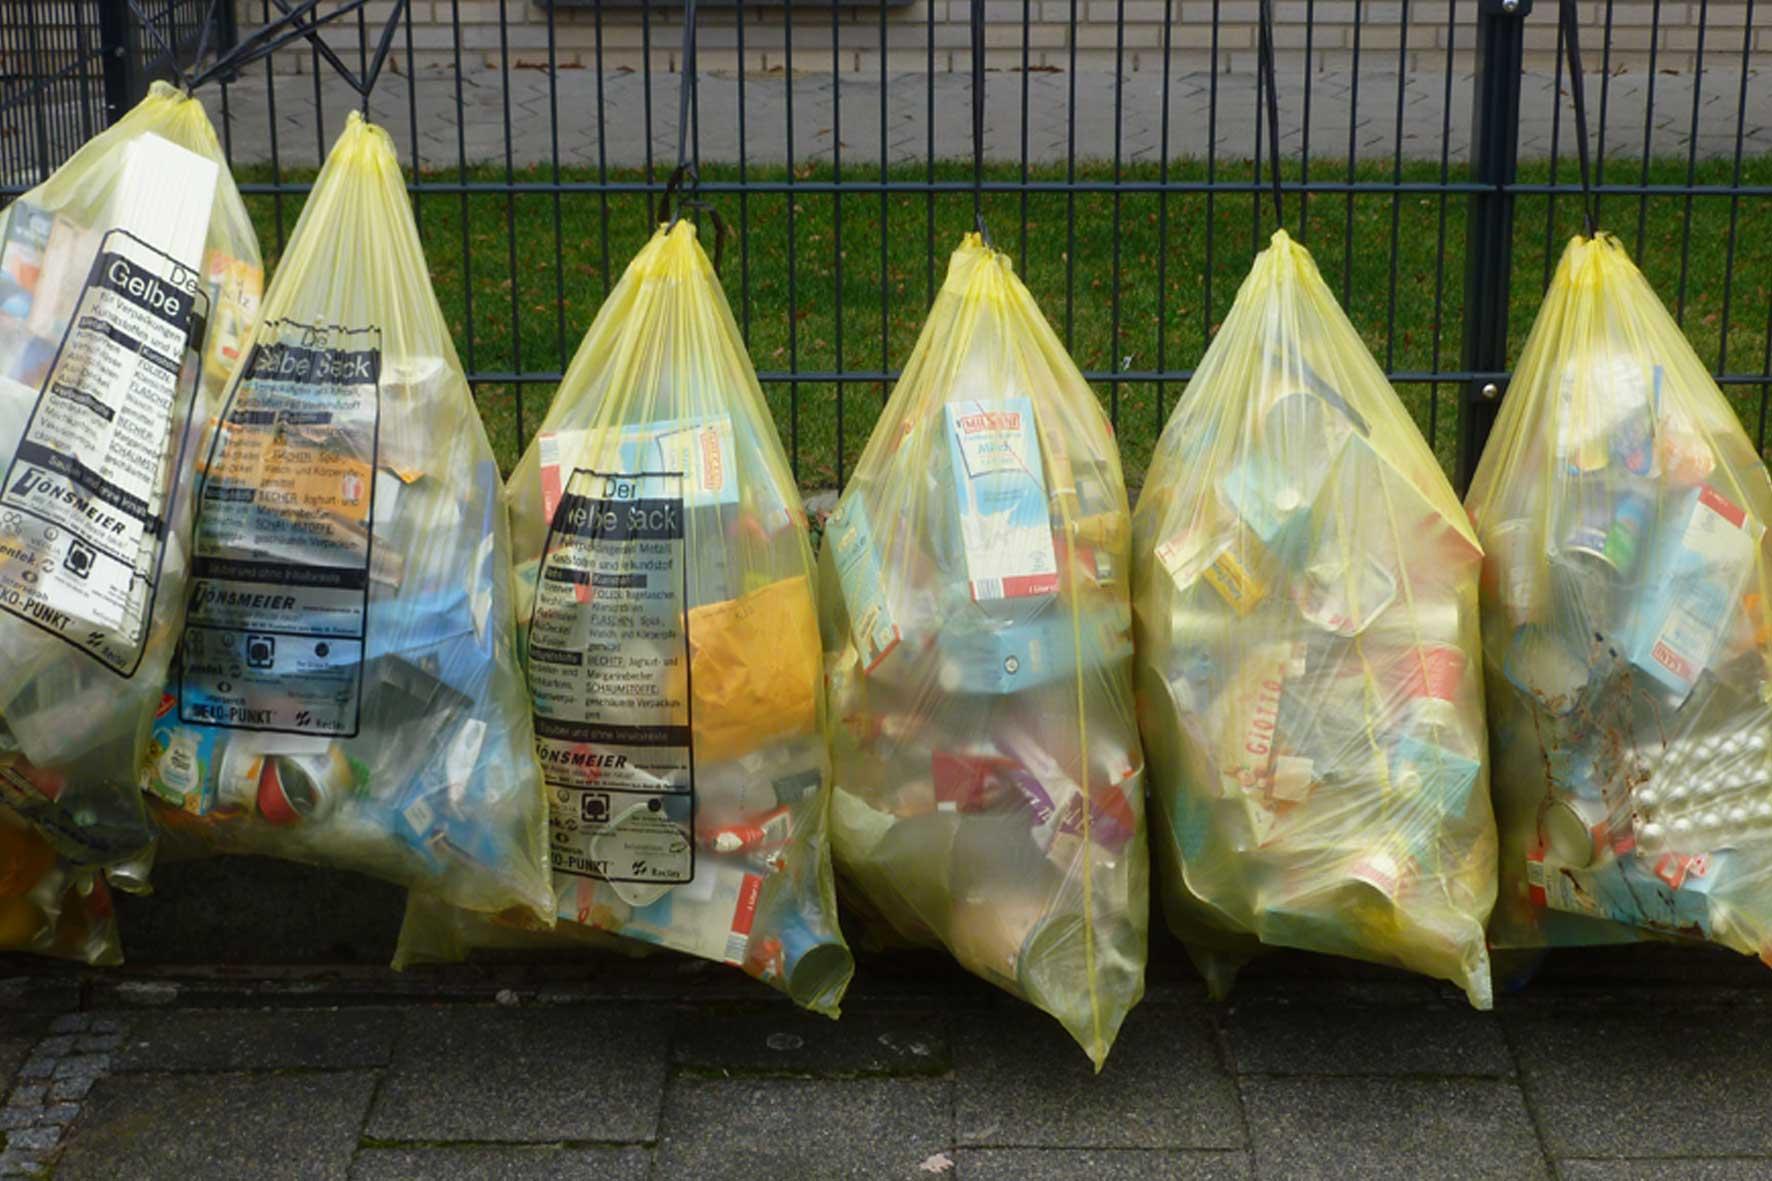 Das Bild zeigt gelbe Säche als Müllsäcke, die aufgereiht an einem grünen Zaun zur Abholung aufgehängt sind.